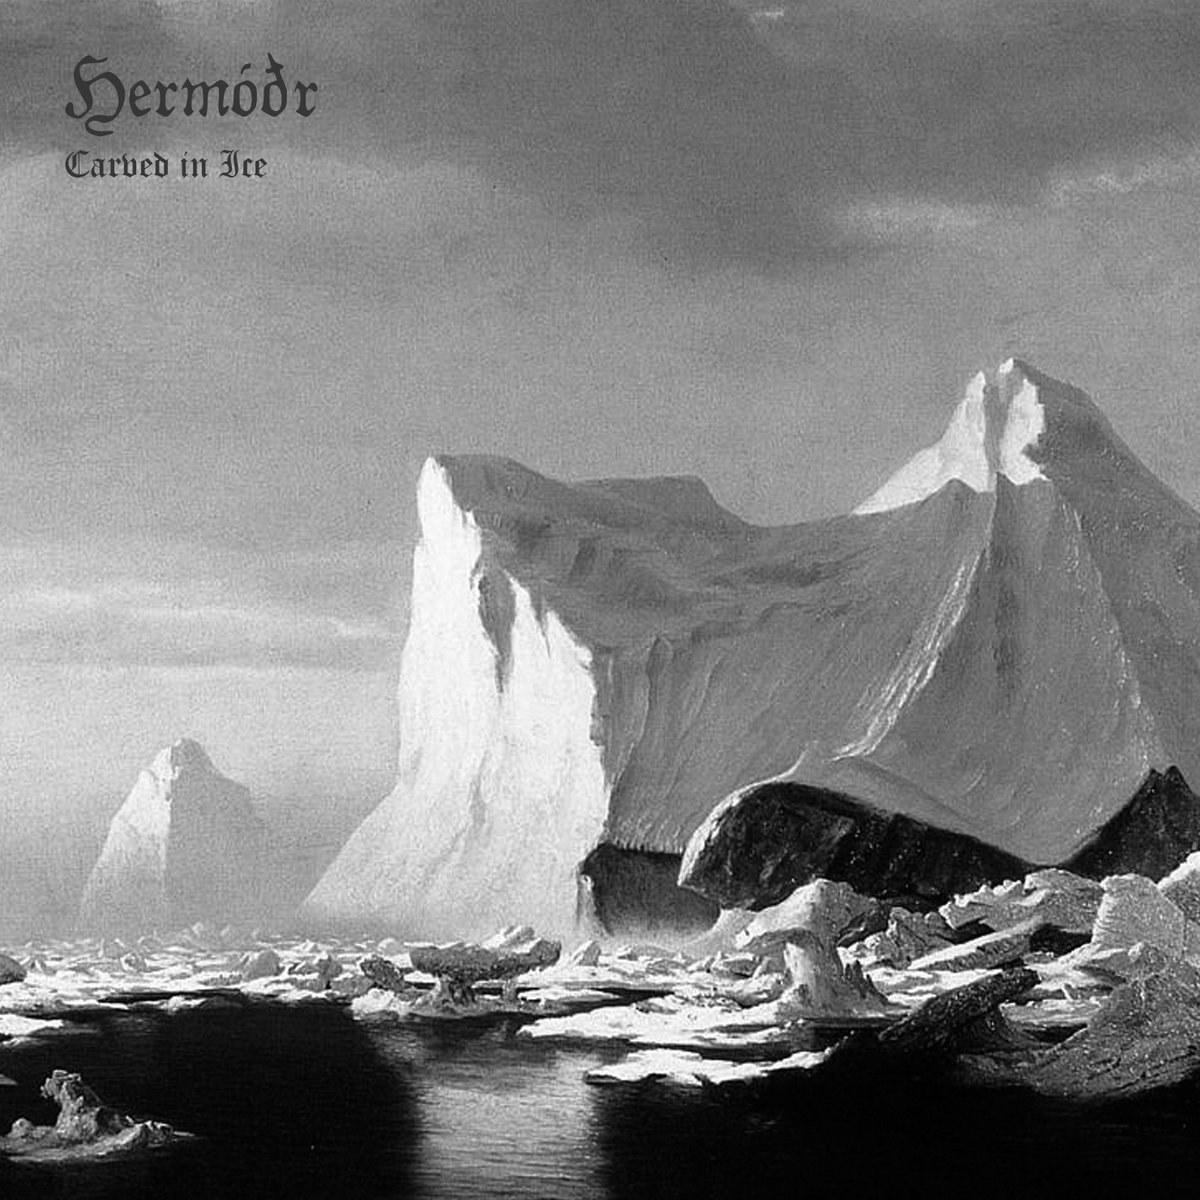 Reviews for Hermóðr - Carved in Ice